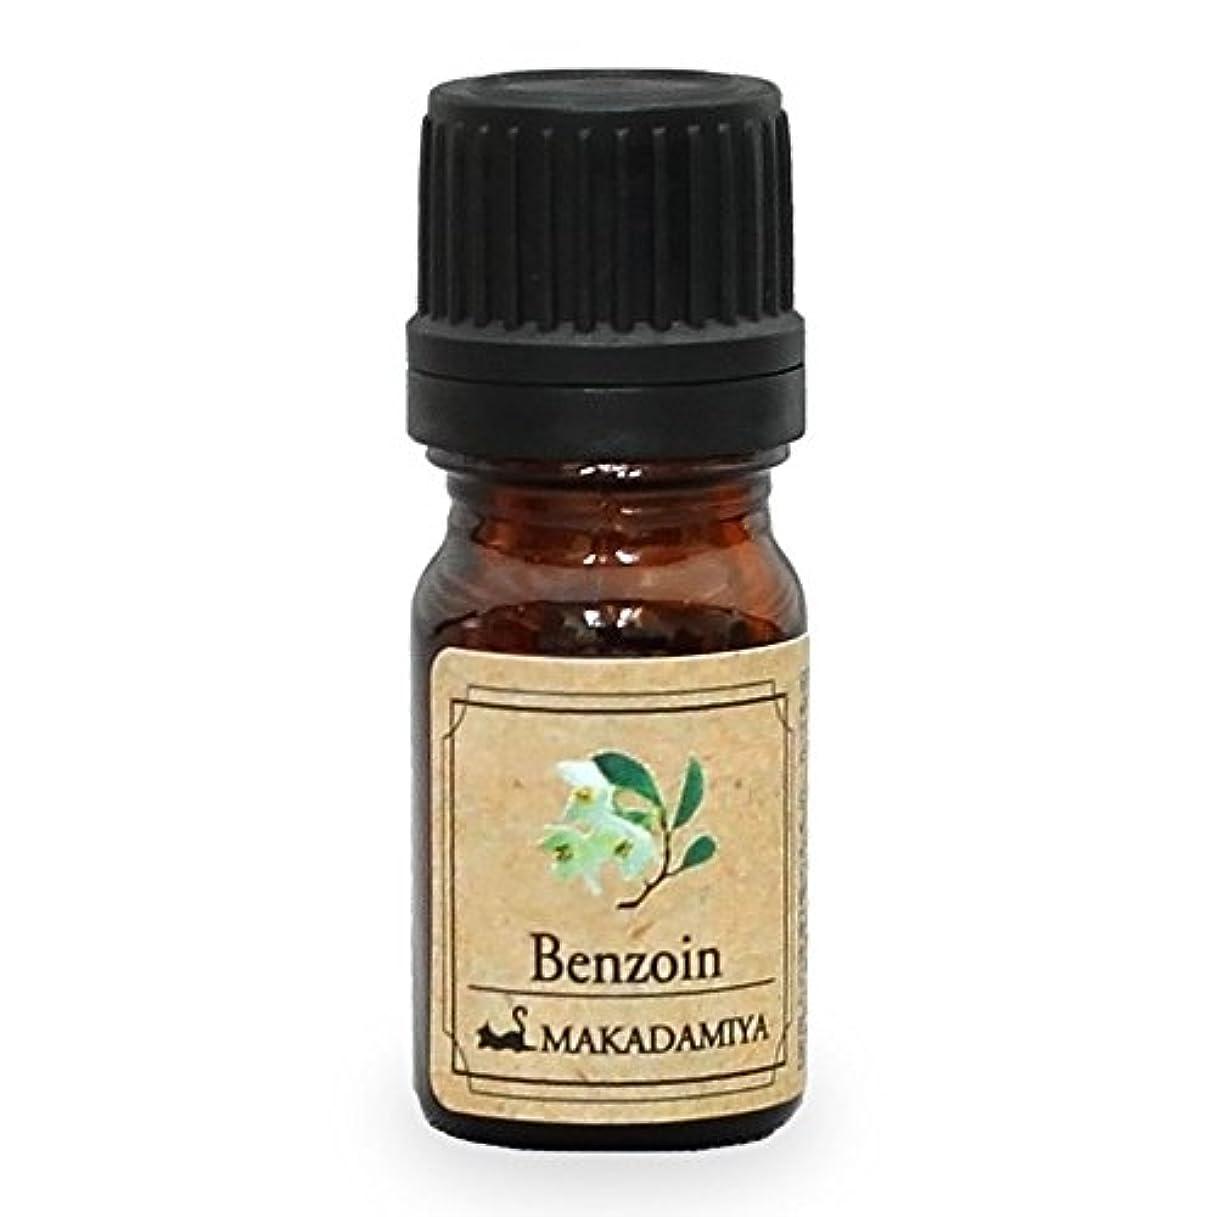 湿度物理満たすベンゾイン5ml天然100%植物性エッセンシャルオイル(精油)アロマオイルアロママッサージアロマテラピーaroma Benzoin